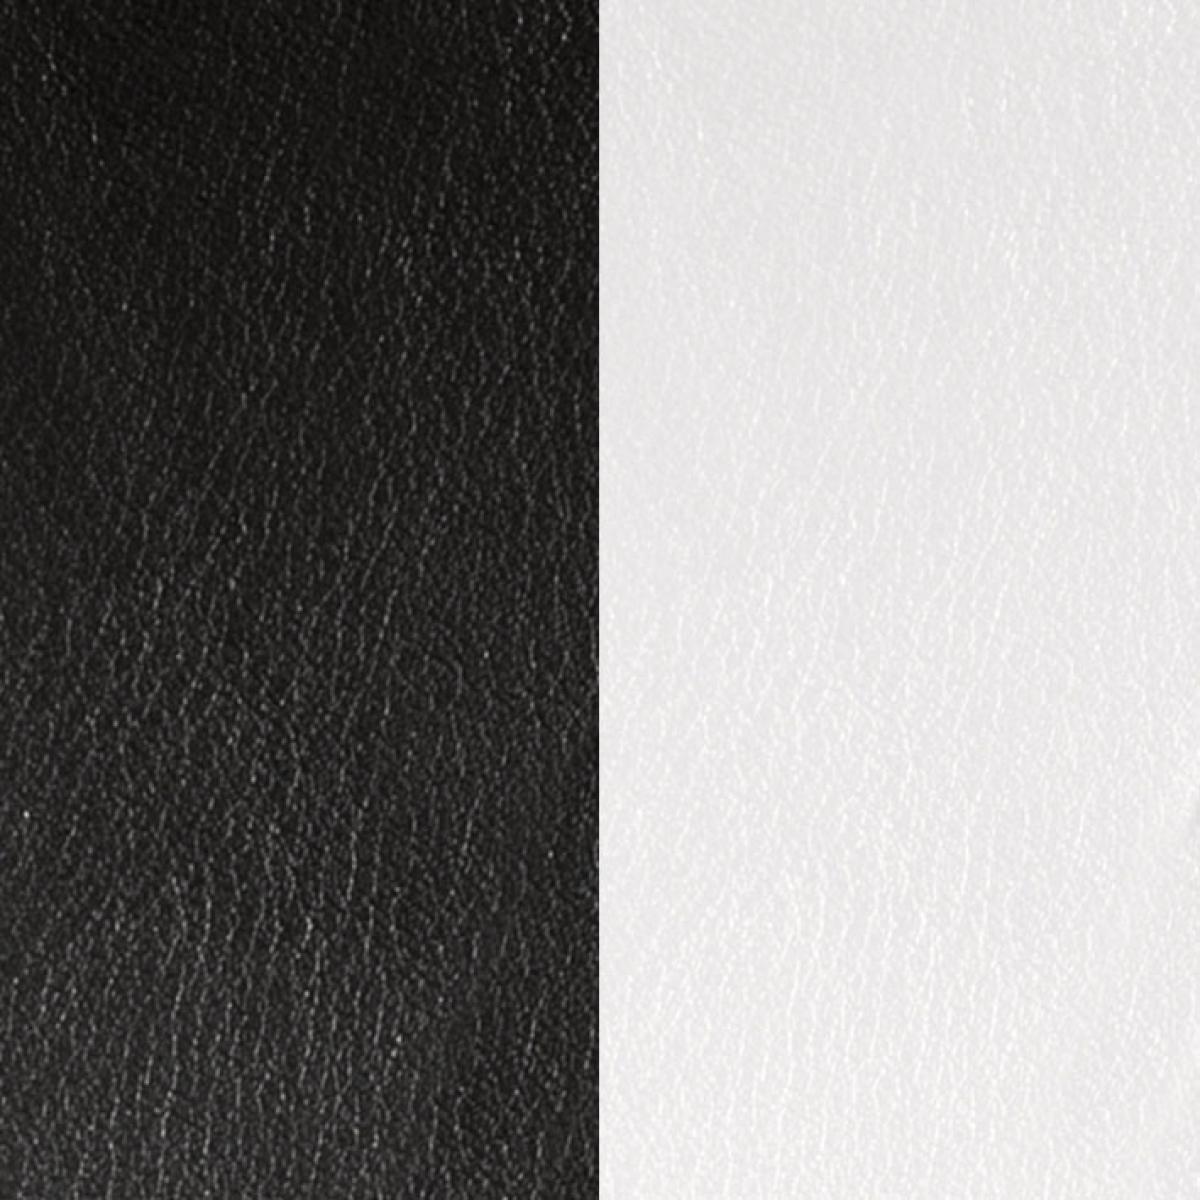 Cuir pour Bracelet Les Georgettes CUIR NOIR-BLANC - Cuir pour Bracelet Réversible Interchangeable Fe